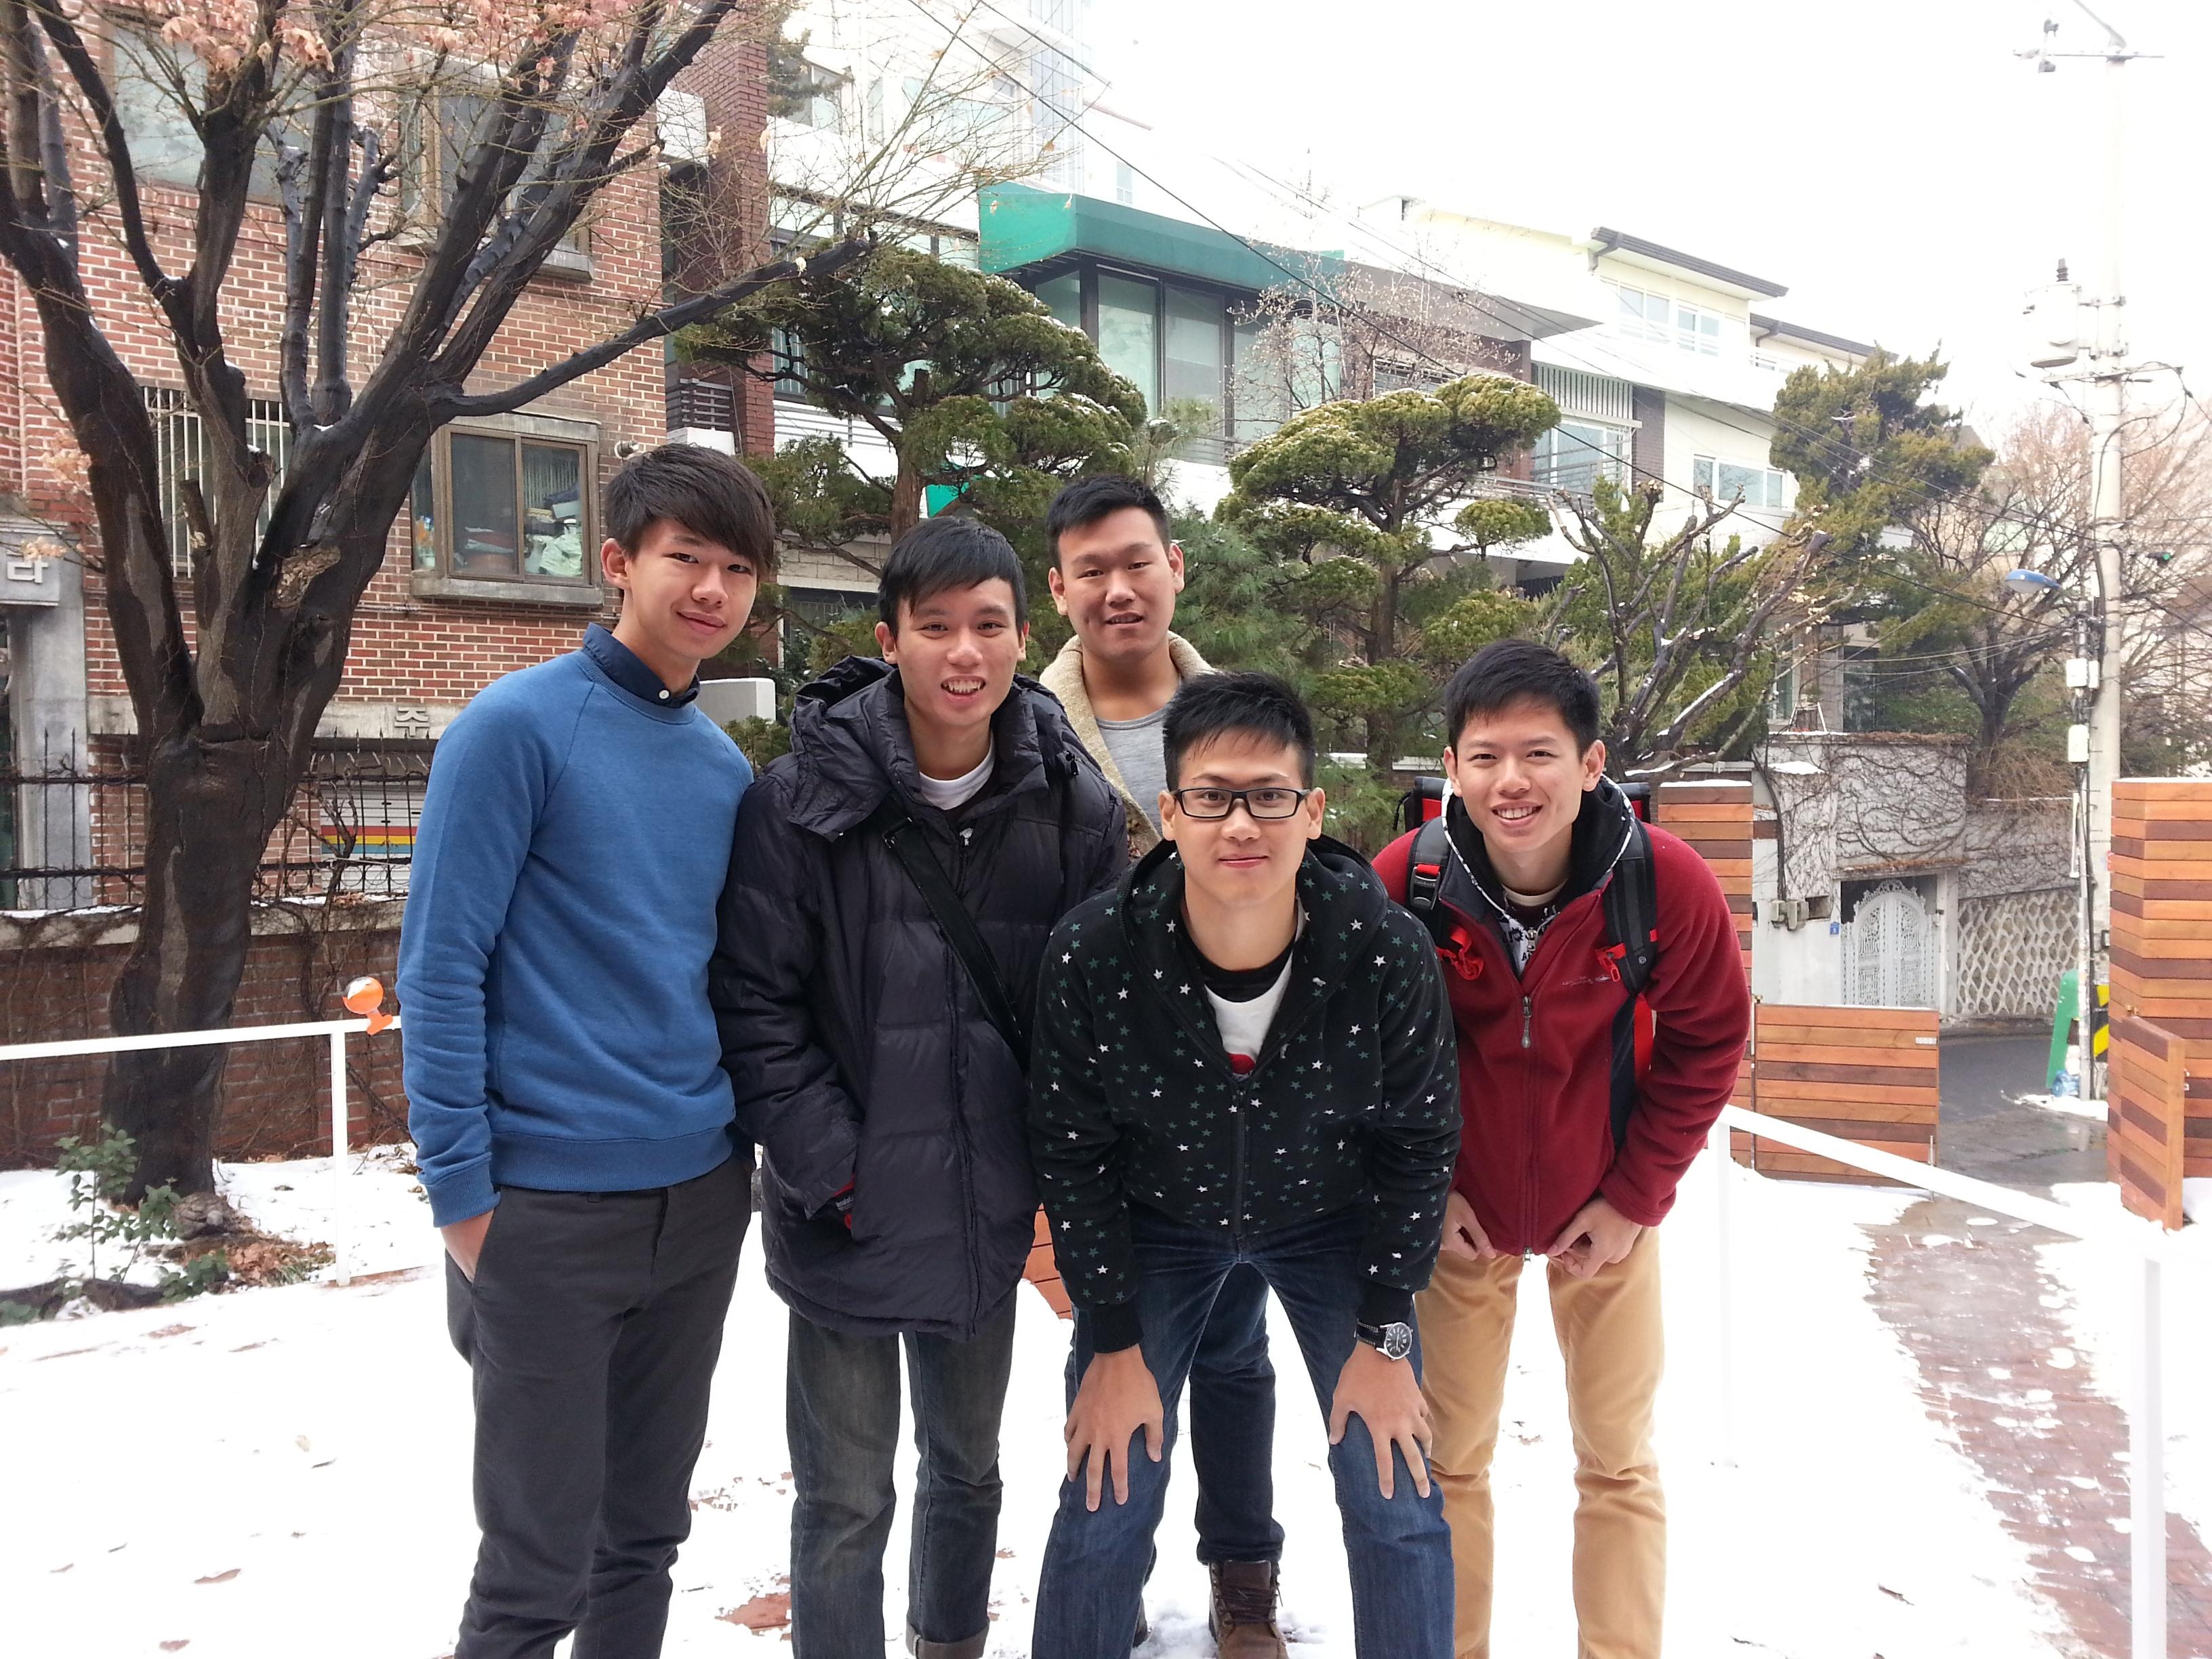 KpopStay